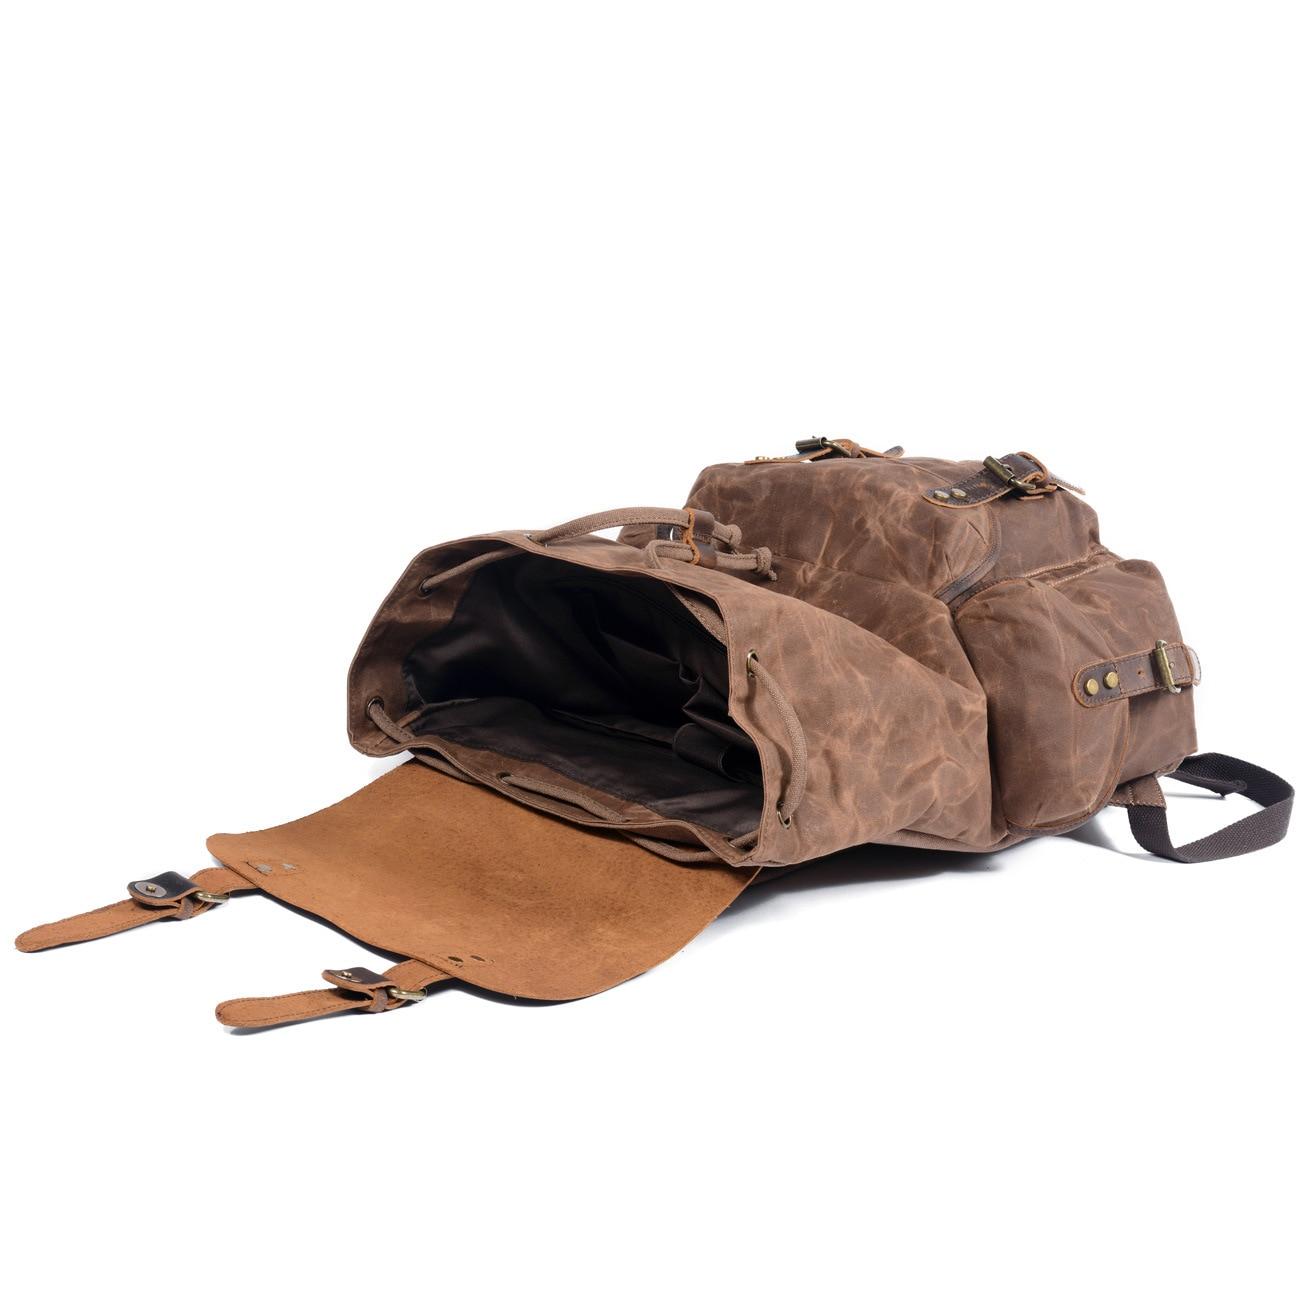 Toile imperméable à l'huile de cire et sac à dos en cuir véritable hommes voyage Vintage sac à dos à cordon grande capacité chaîne pochette d'ordinateur - 5